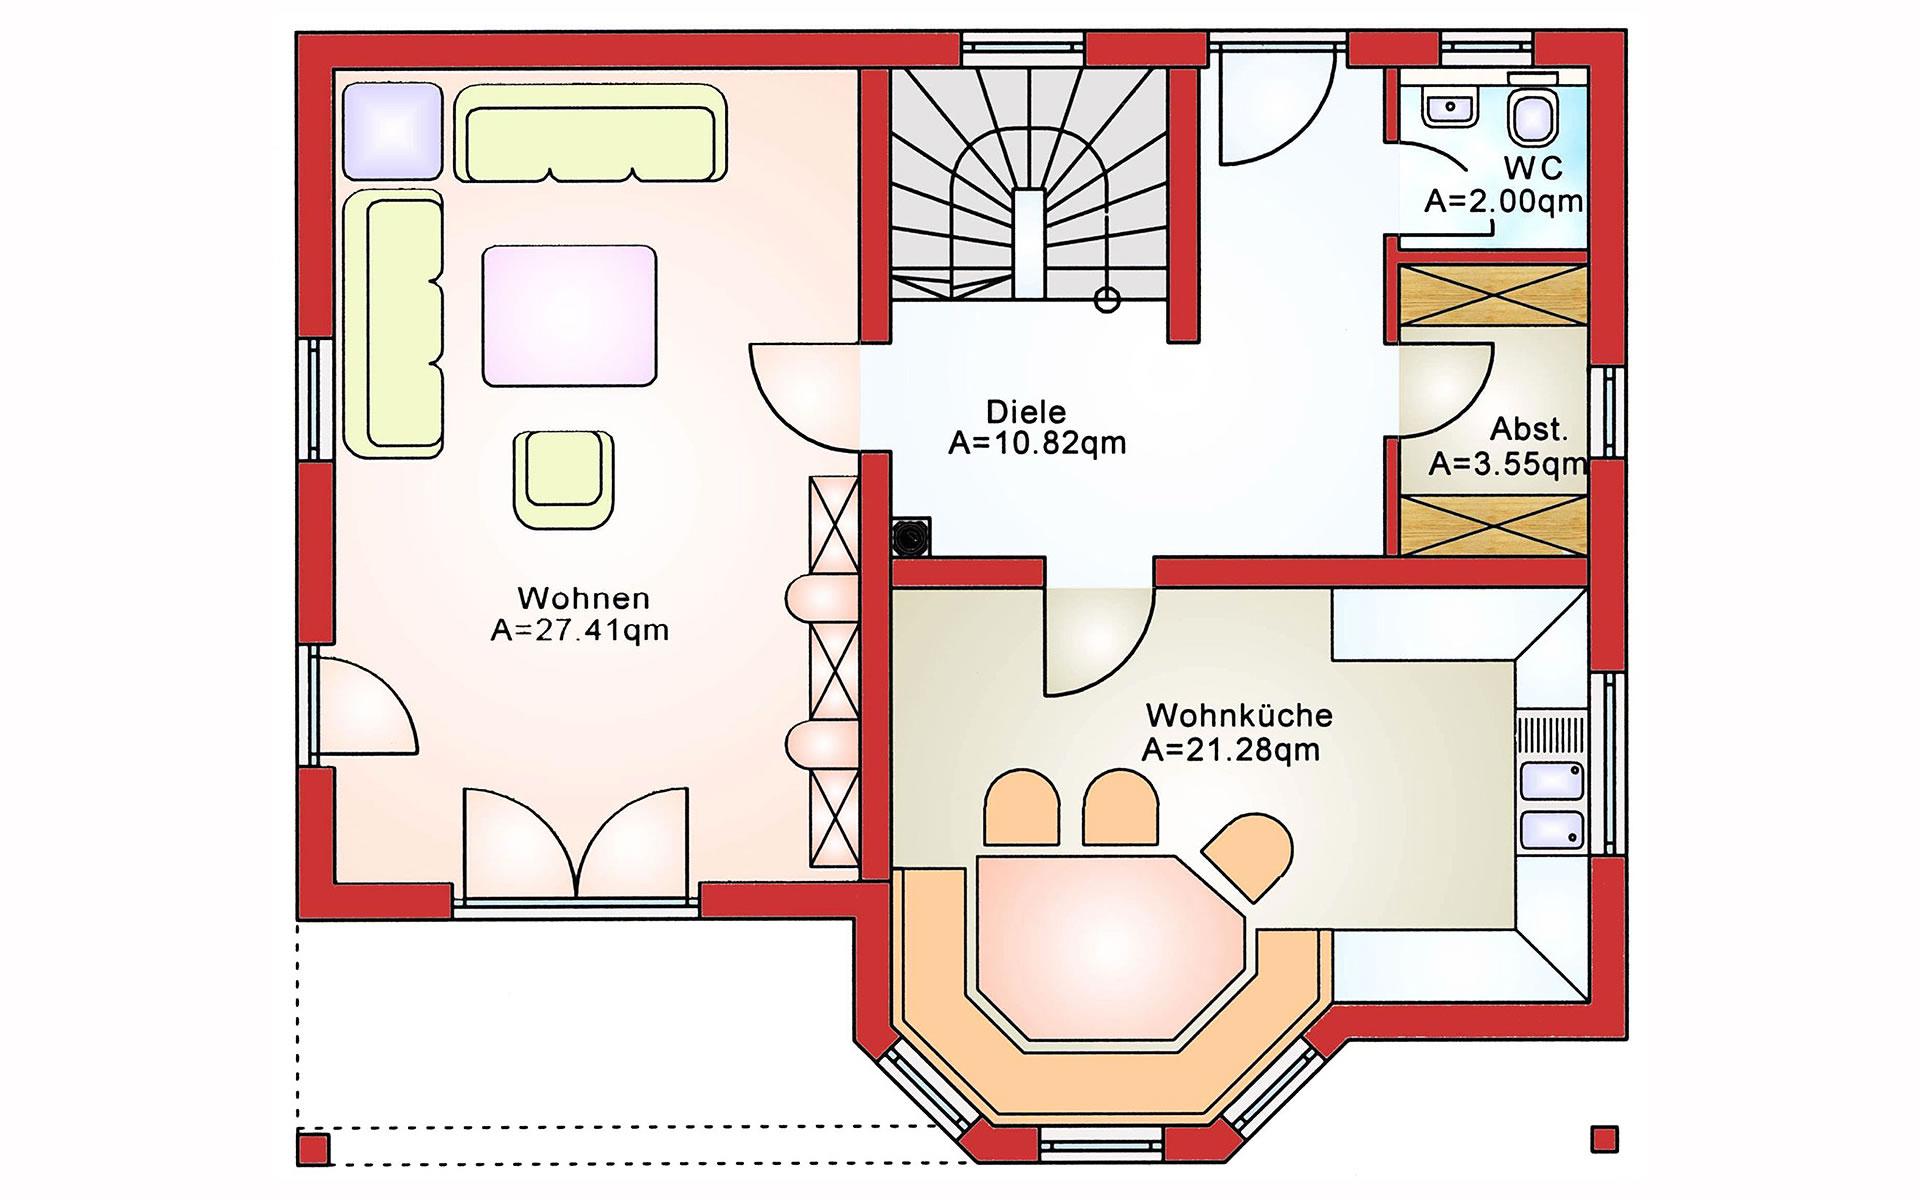 Erdgeschoss Einfamilienhaus BS 129 von B&S Selbstbausysteme GmbH & Co. KG